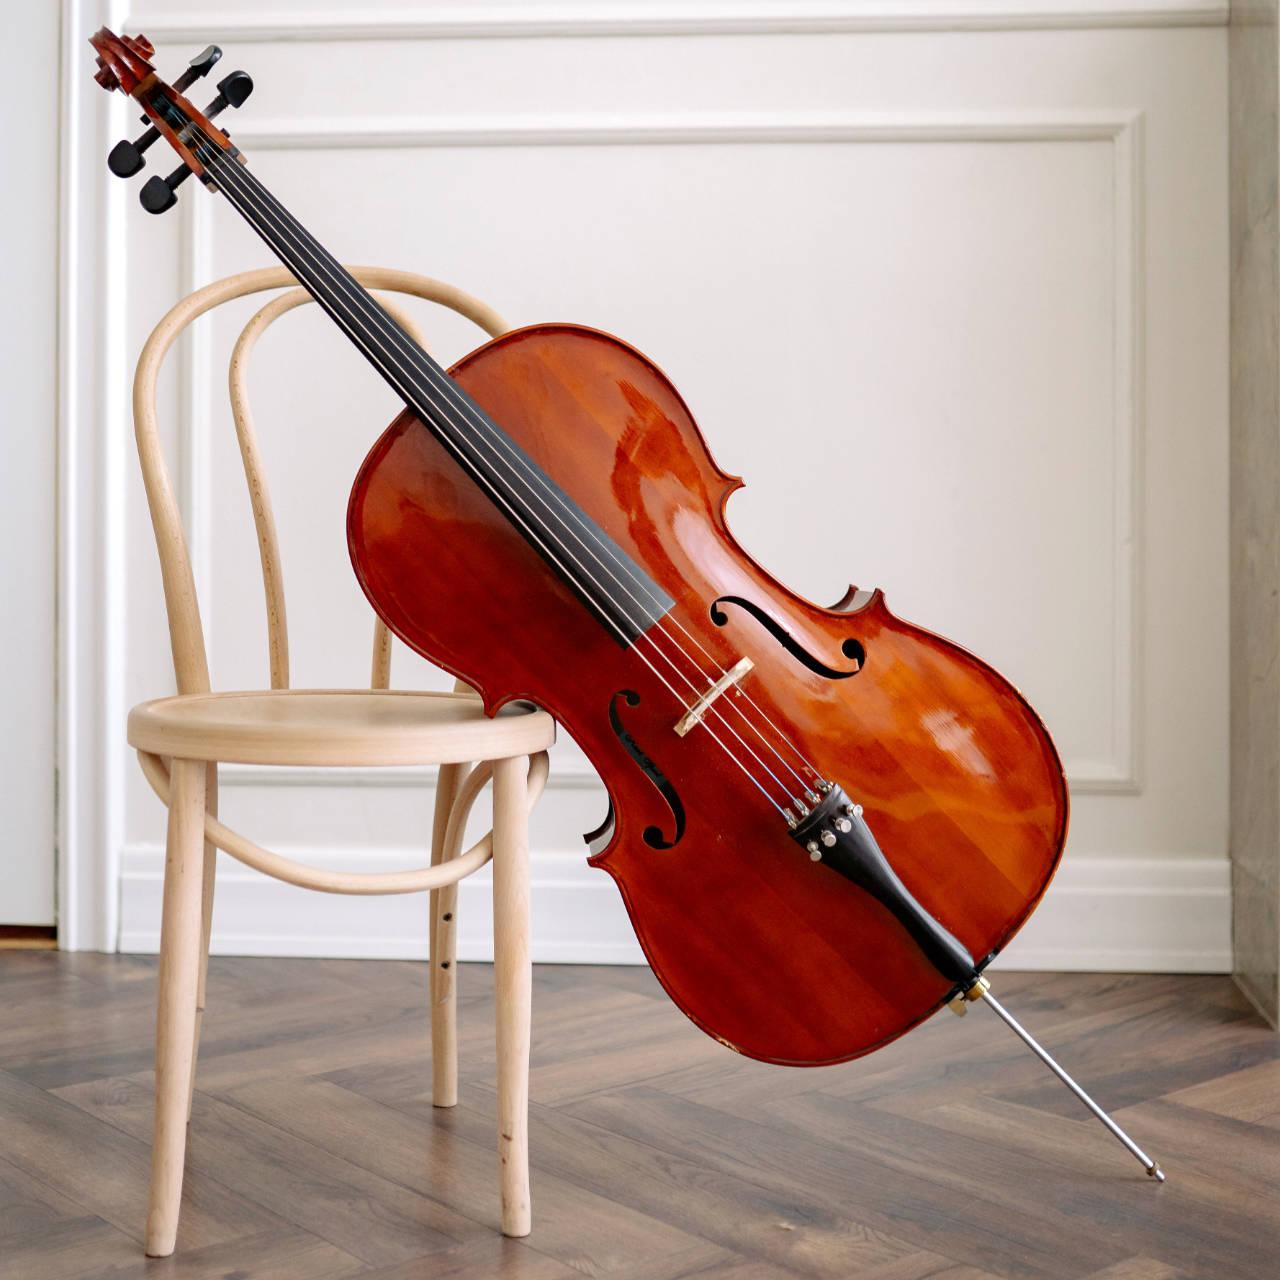 The Violin Family - Cello